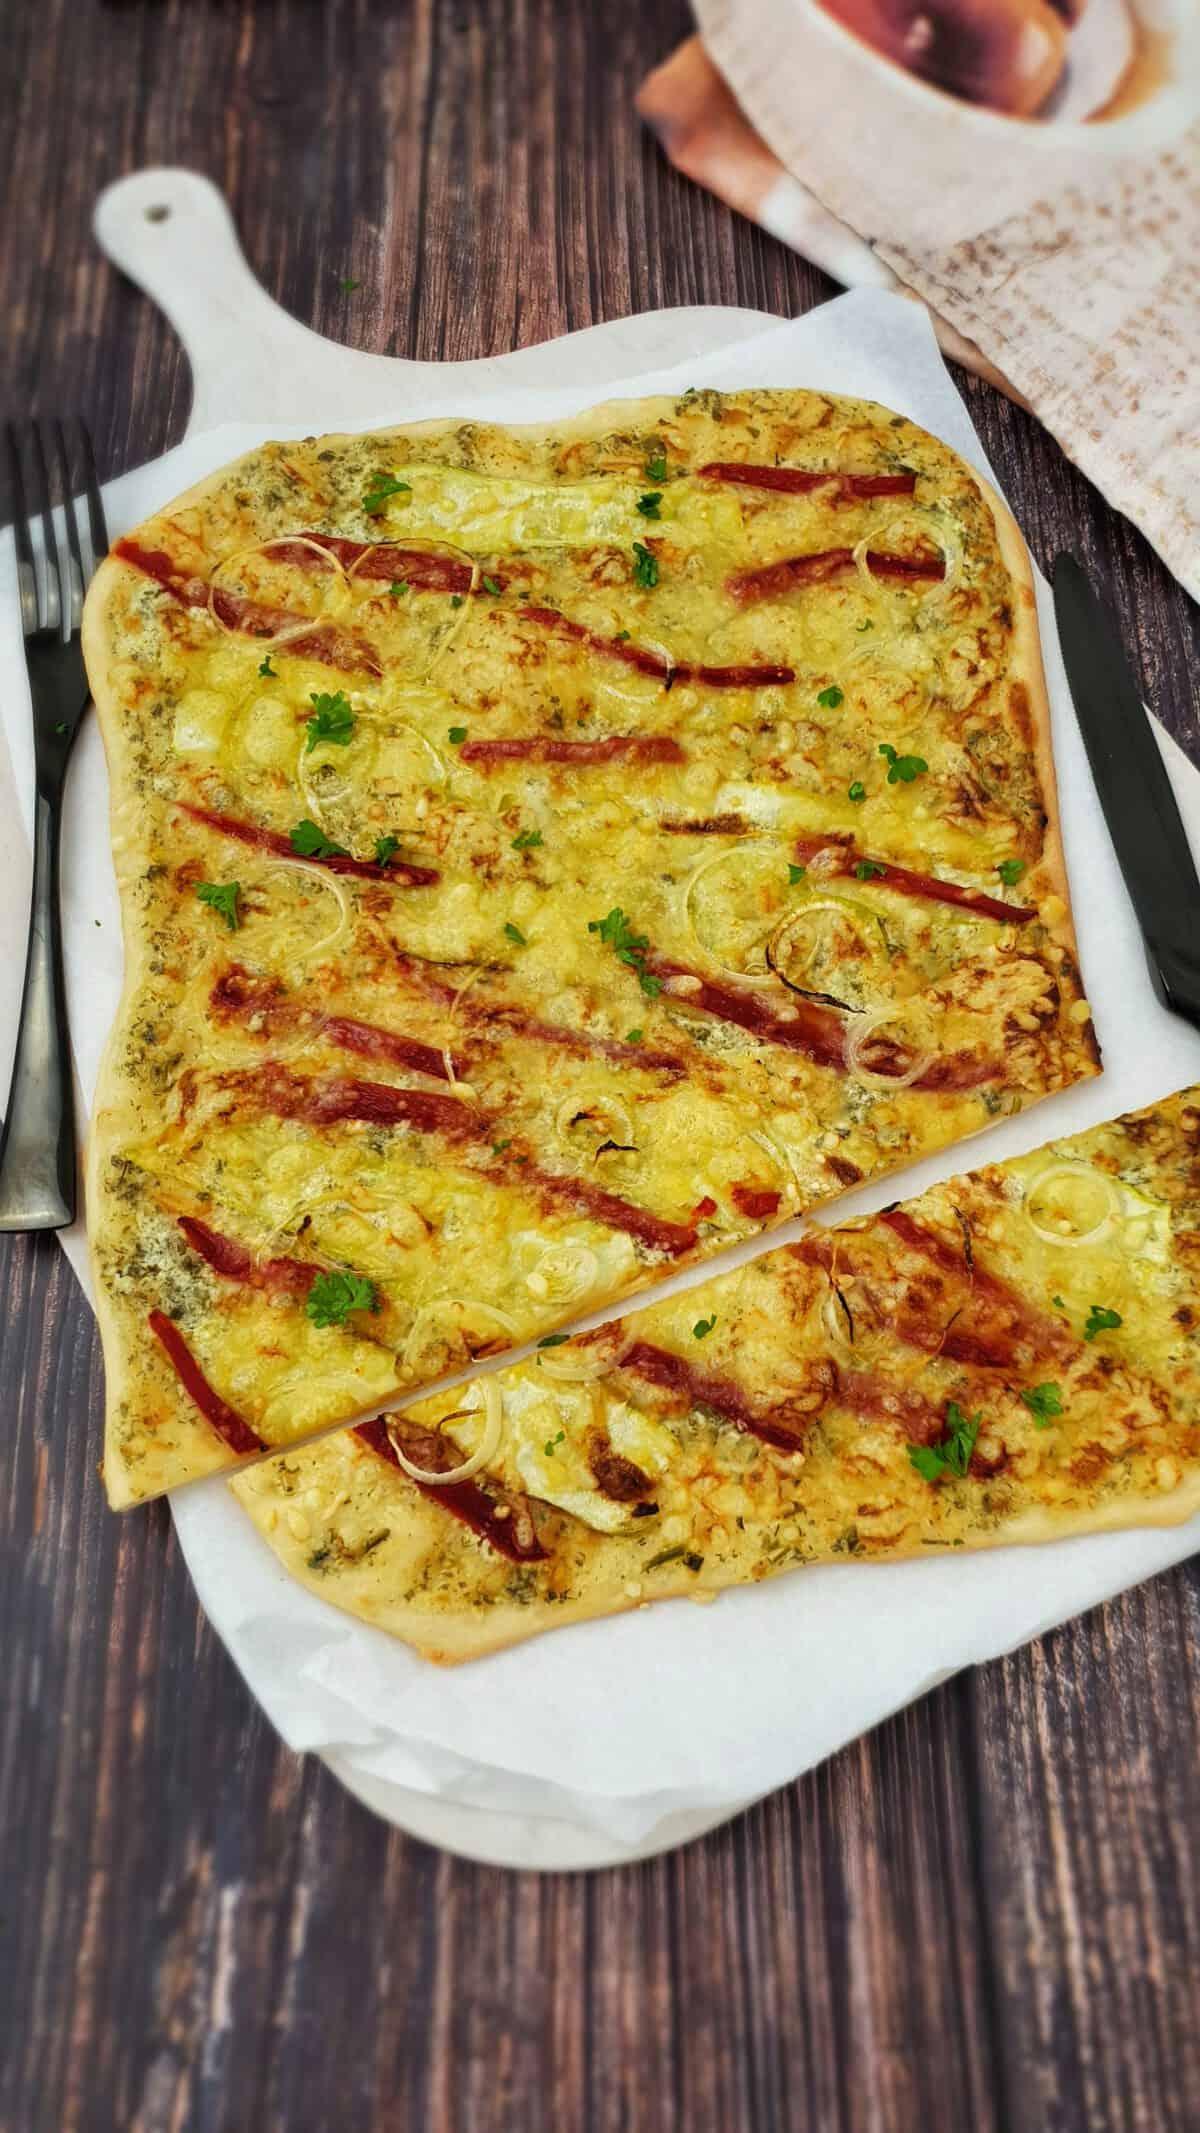 Vegetarischer Flammkuchen mit gerösteter Paprika angerichtet auf einem hellen Flammkuchen-Brett mit Backpapier.